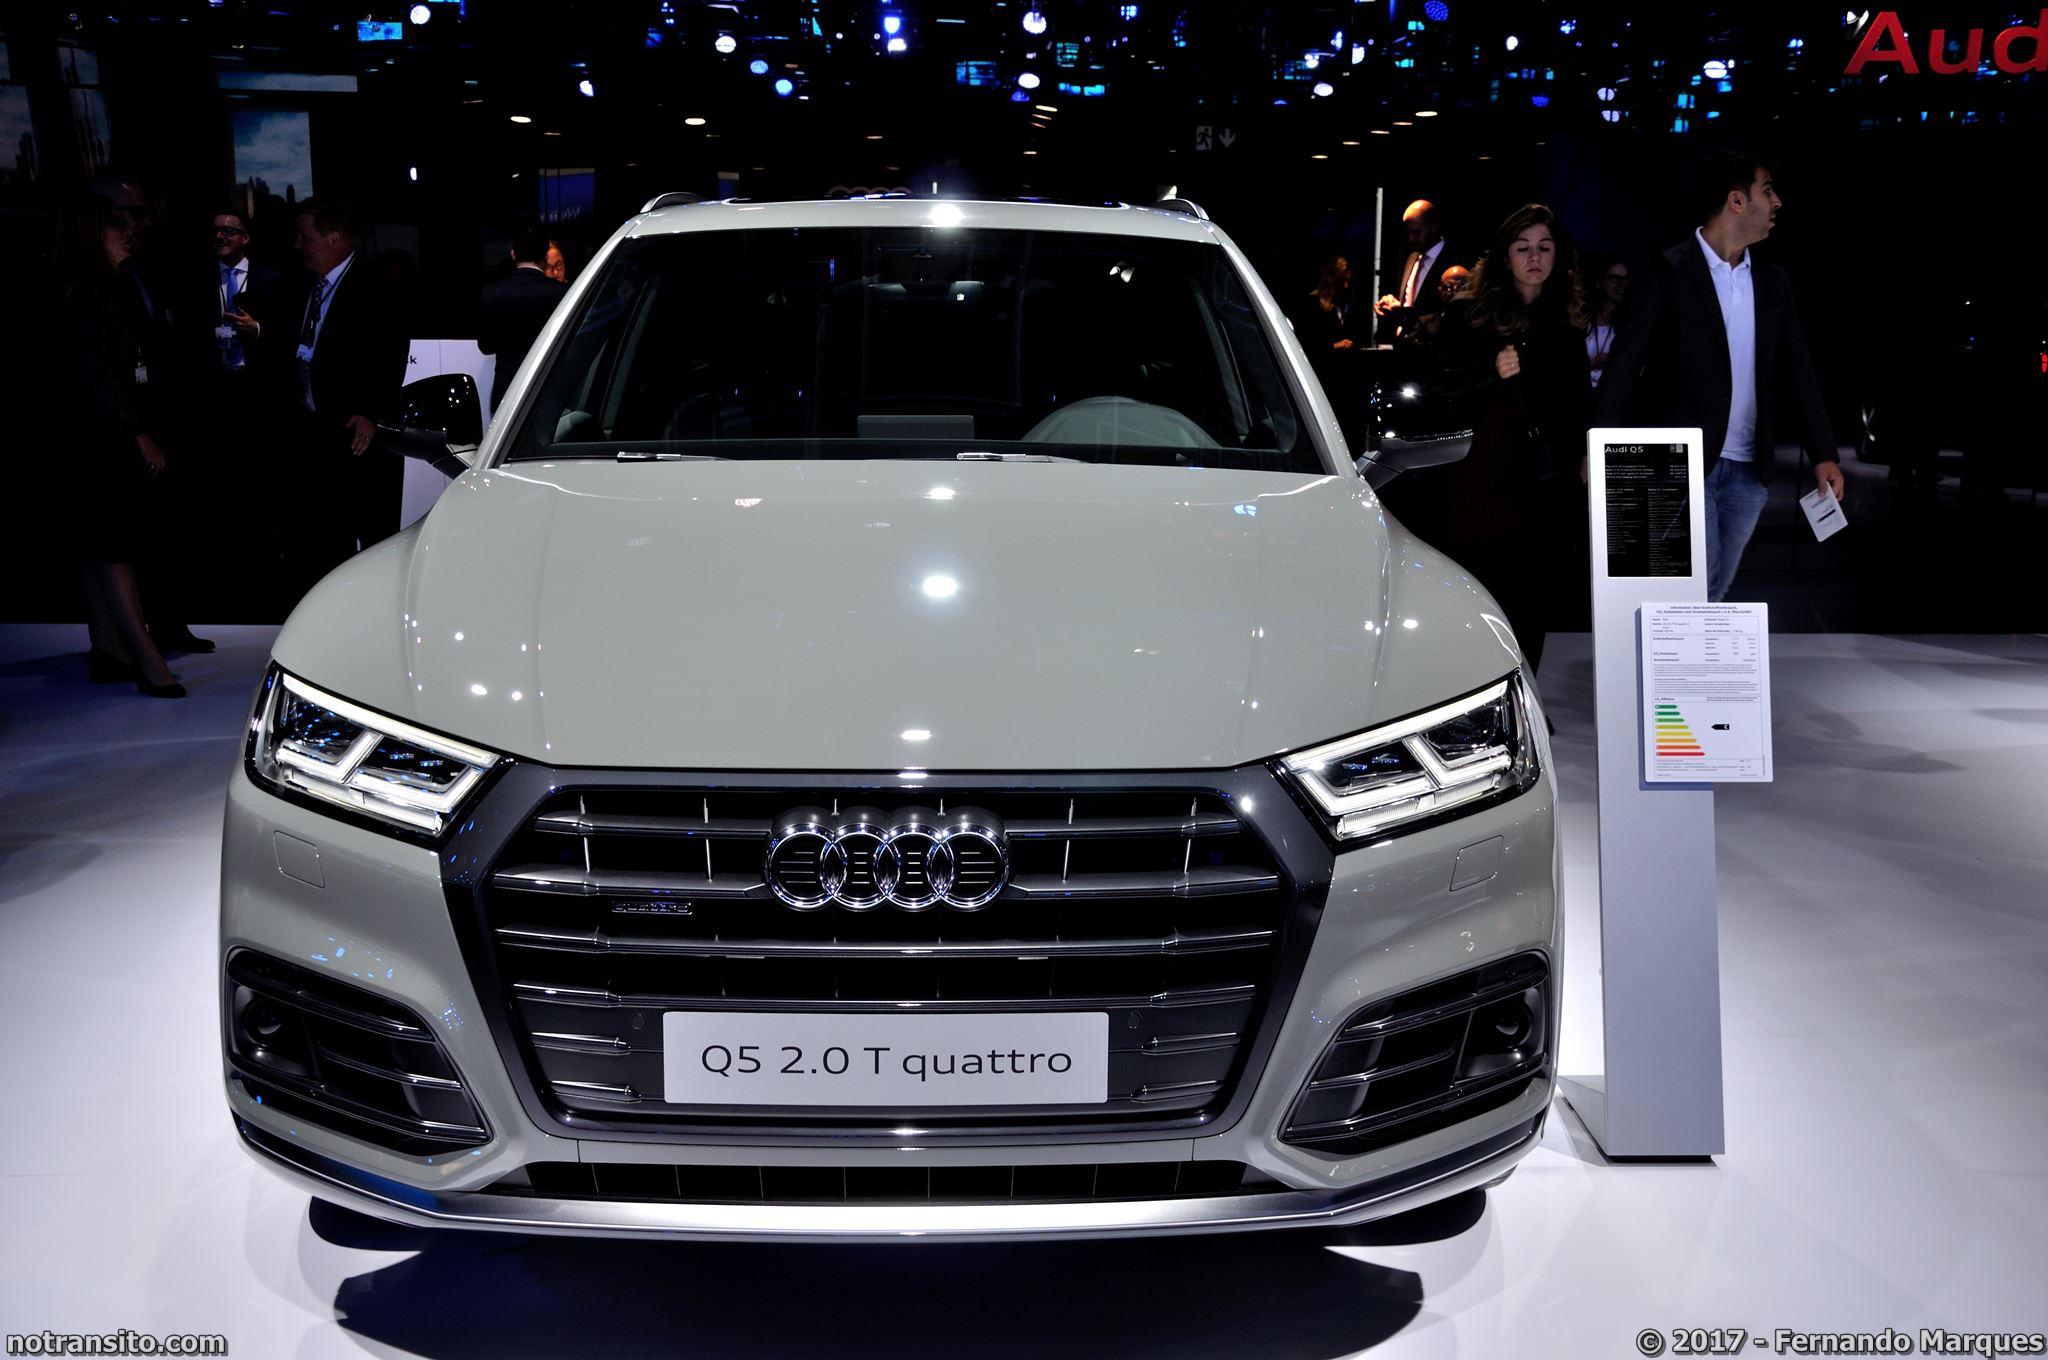 Audi-Q5-Frankfurt-2017-001